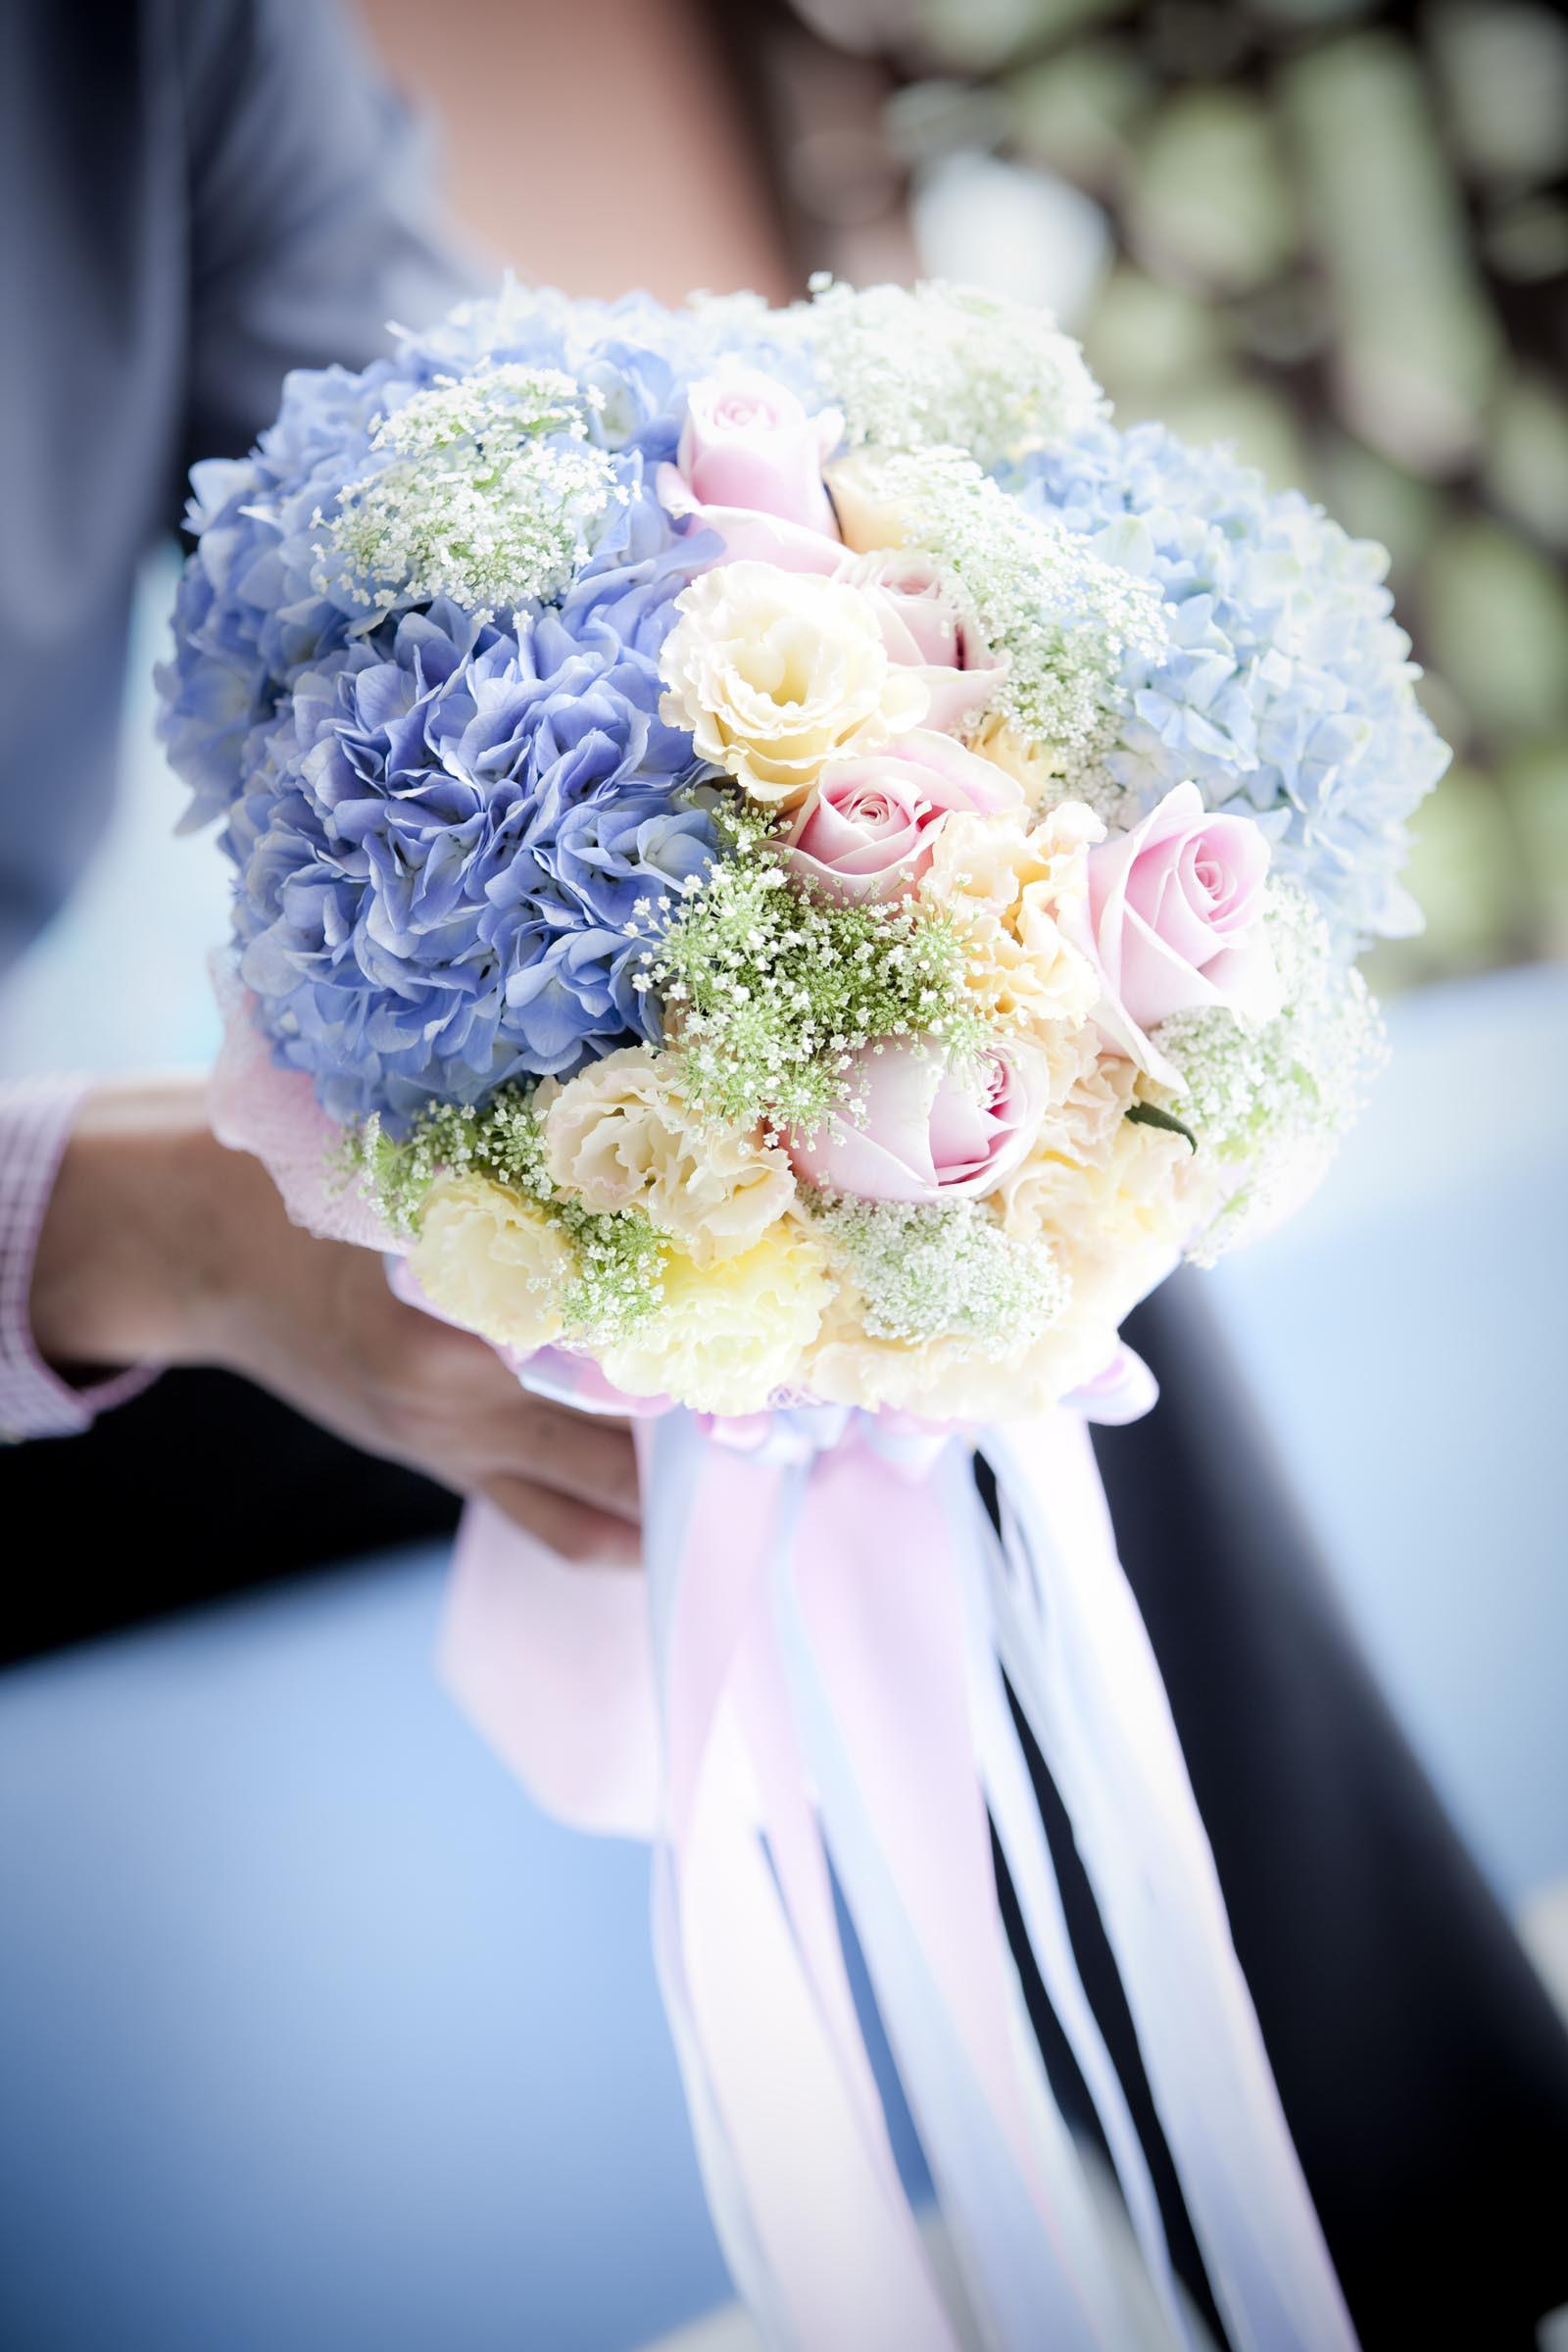 Brautstrauß Mit Hortensien  Brautstrauß mit Rosen und Hortensien Heiraten mit braut